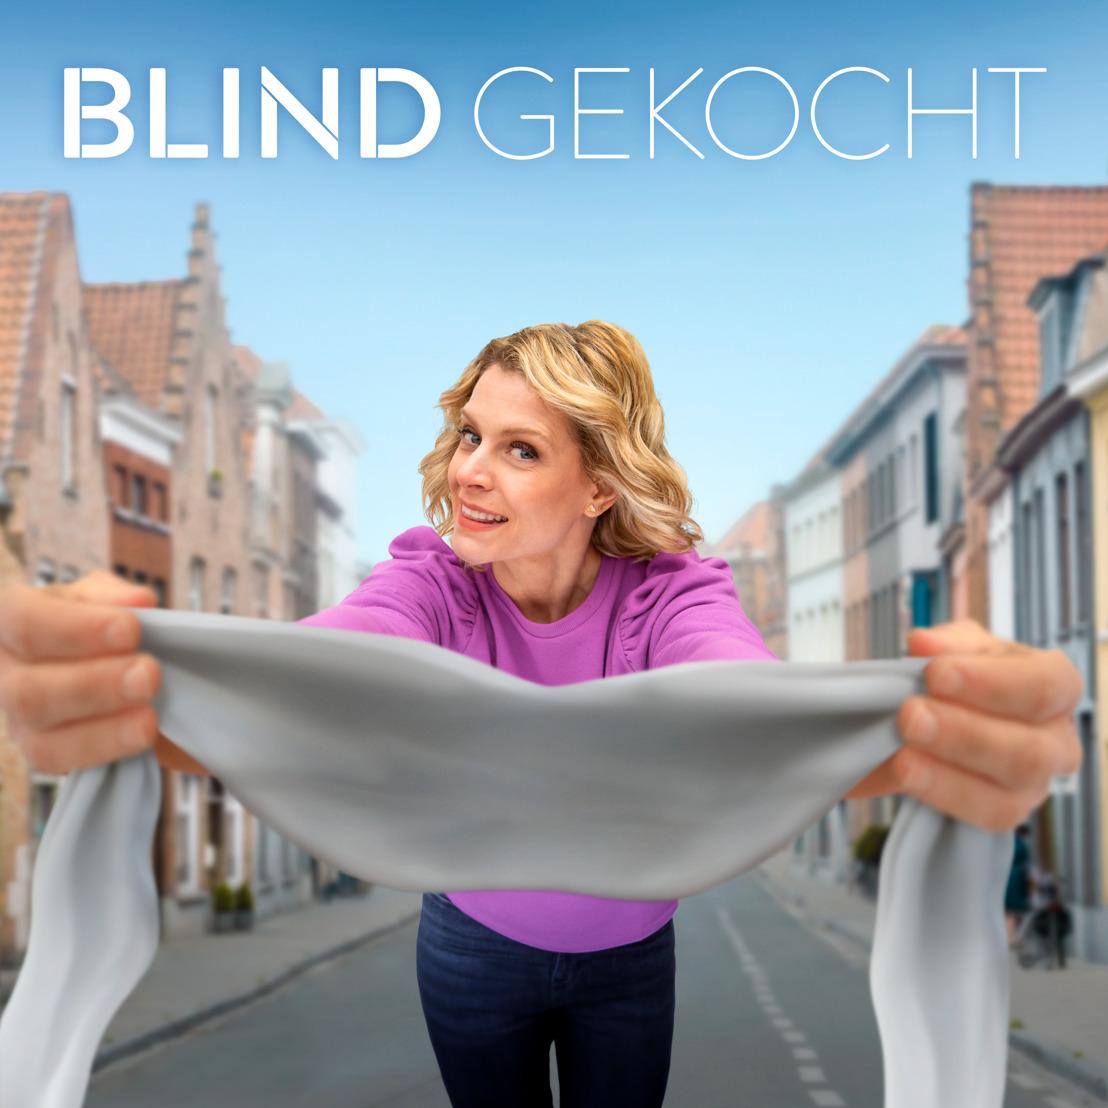 Deze 7 gezinnen geven woonlot uit handen in nieuw seizoen Blind Gekocht